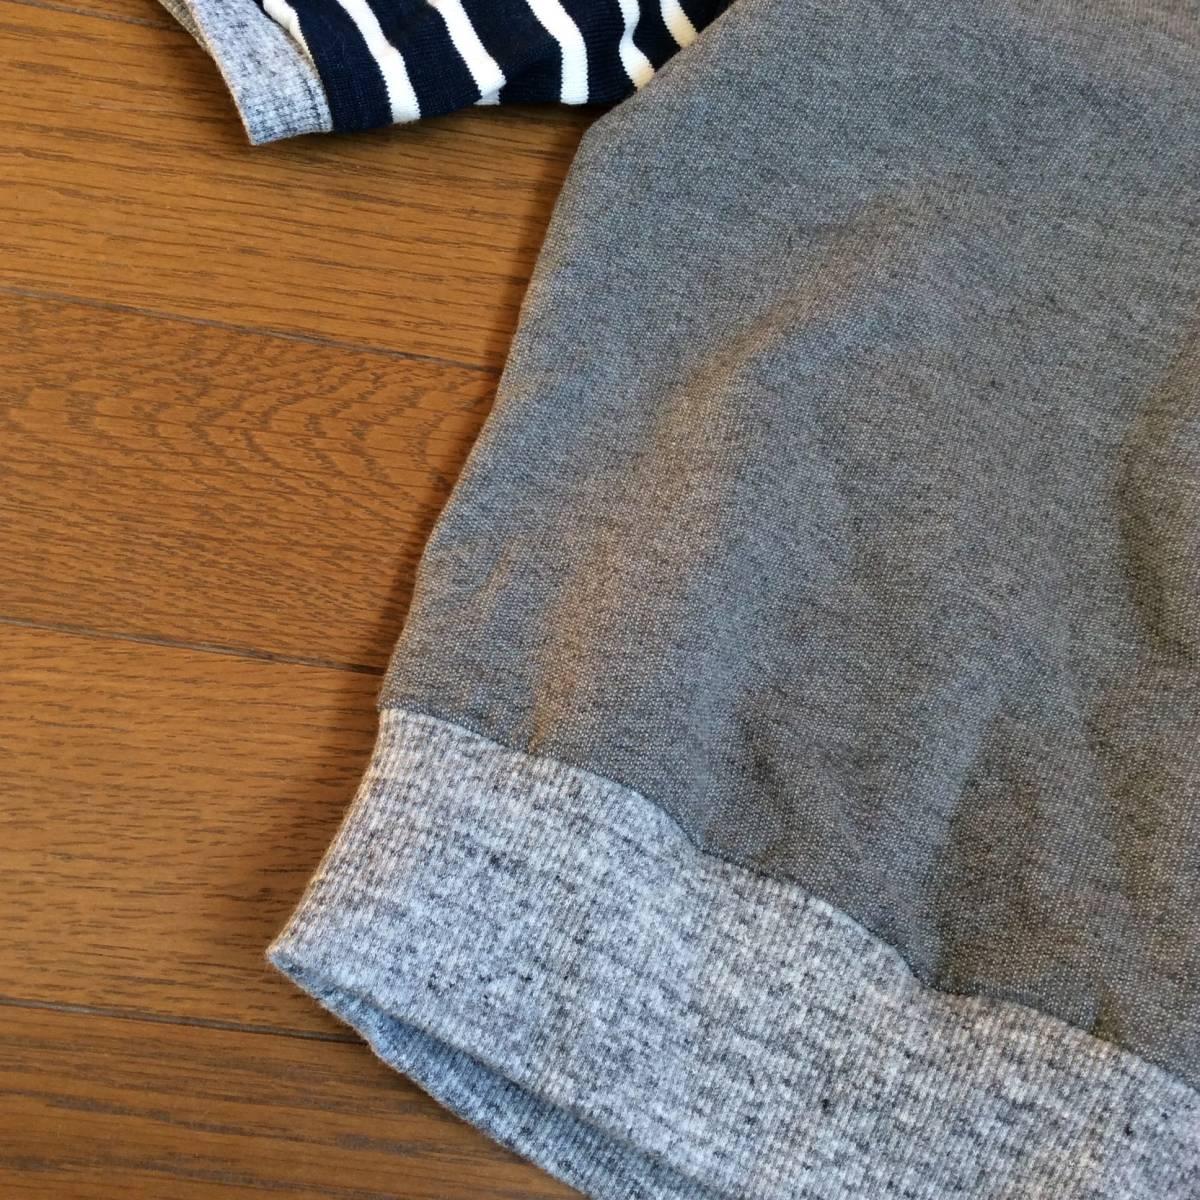 日々の服*ハンドメイド*切り替えT6分袖 100/ブルー、グレー、バード、鳥、ネイビー、グリーン_画像6